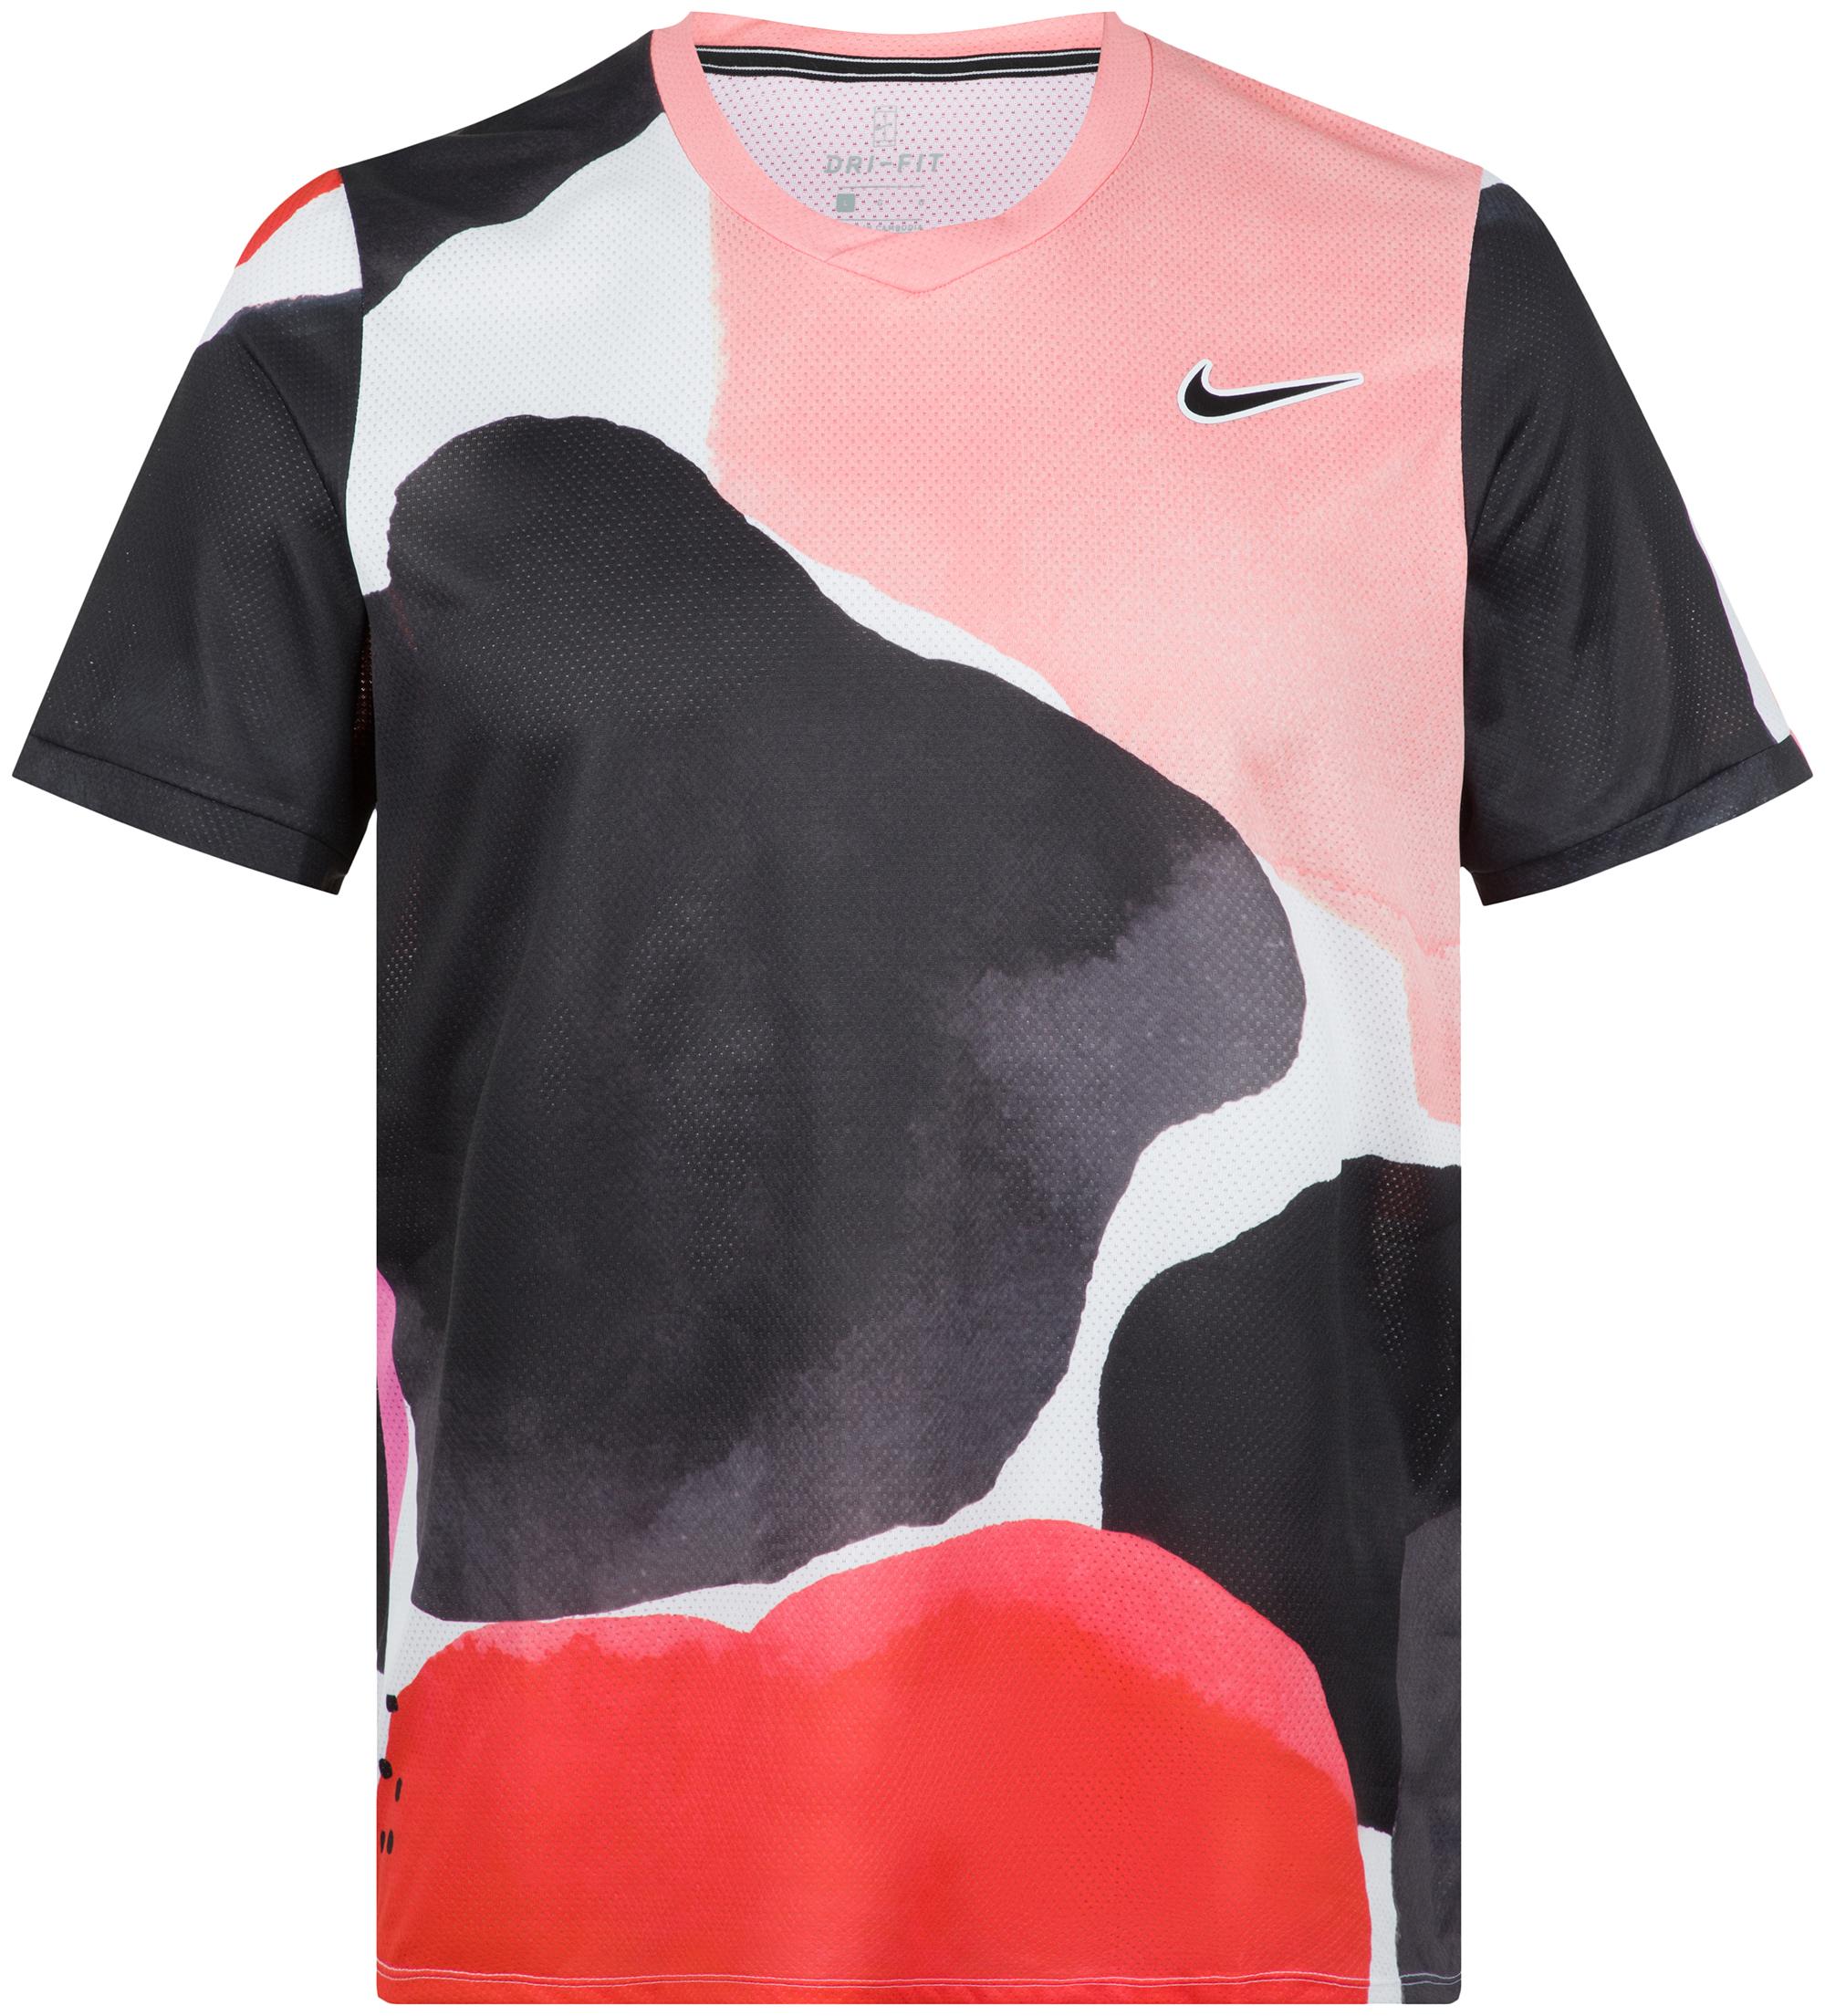 Nike Футболка мужская Nike Court Challenger, размер 52-54 все цены